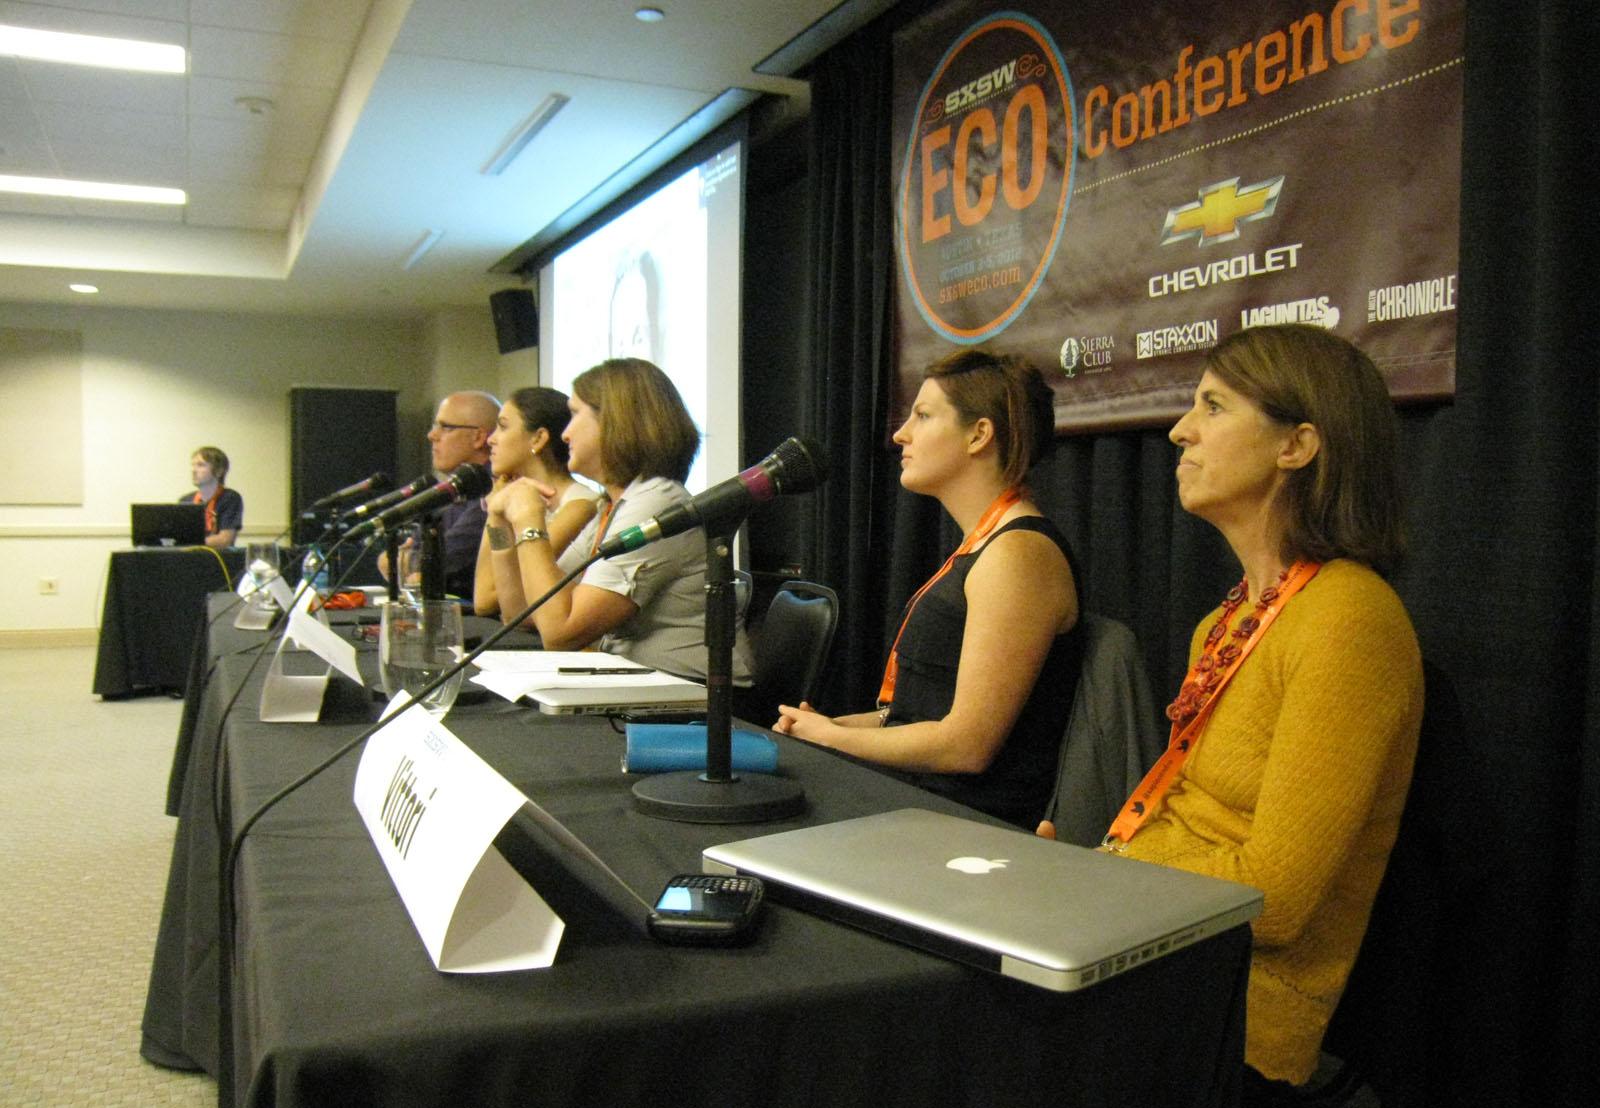 sxssw eco women sustainable design panel